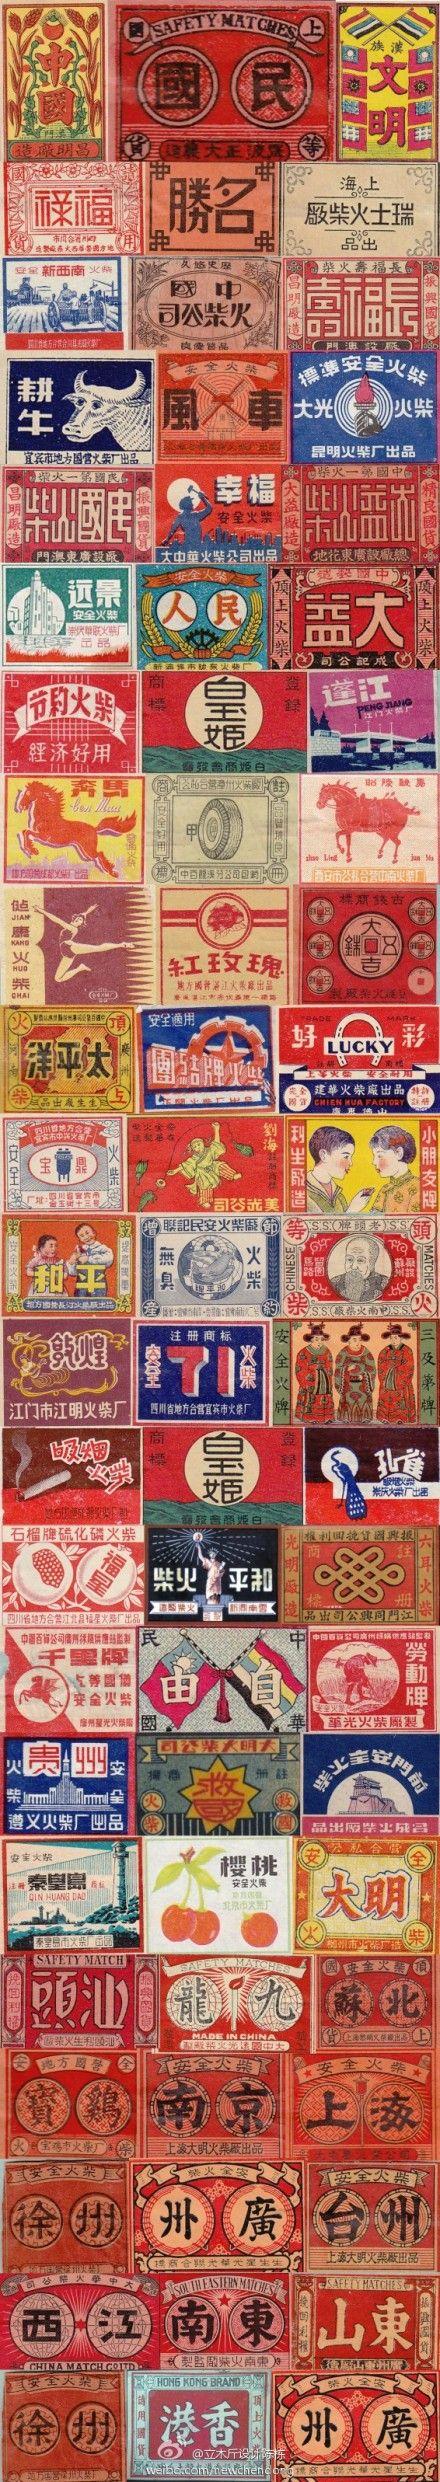 match boxes #vintage